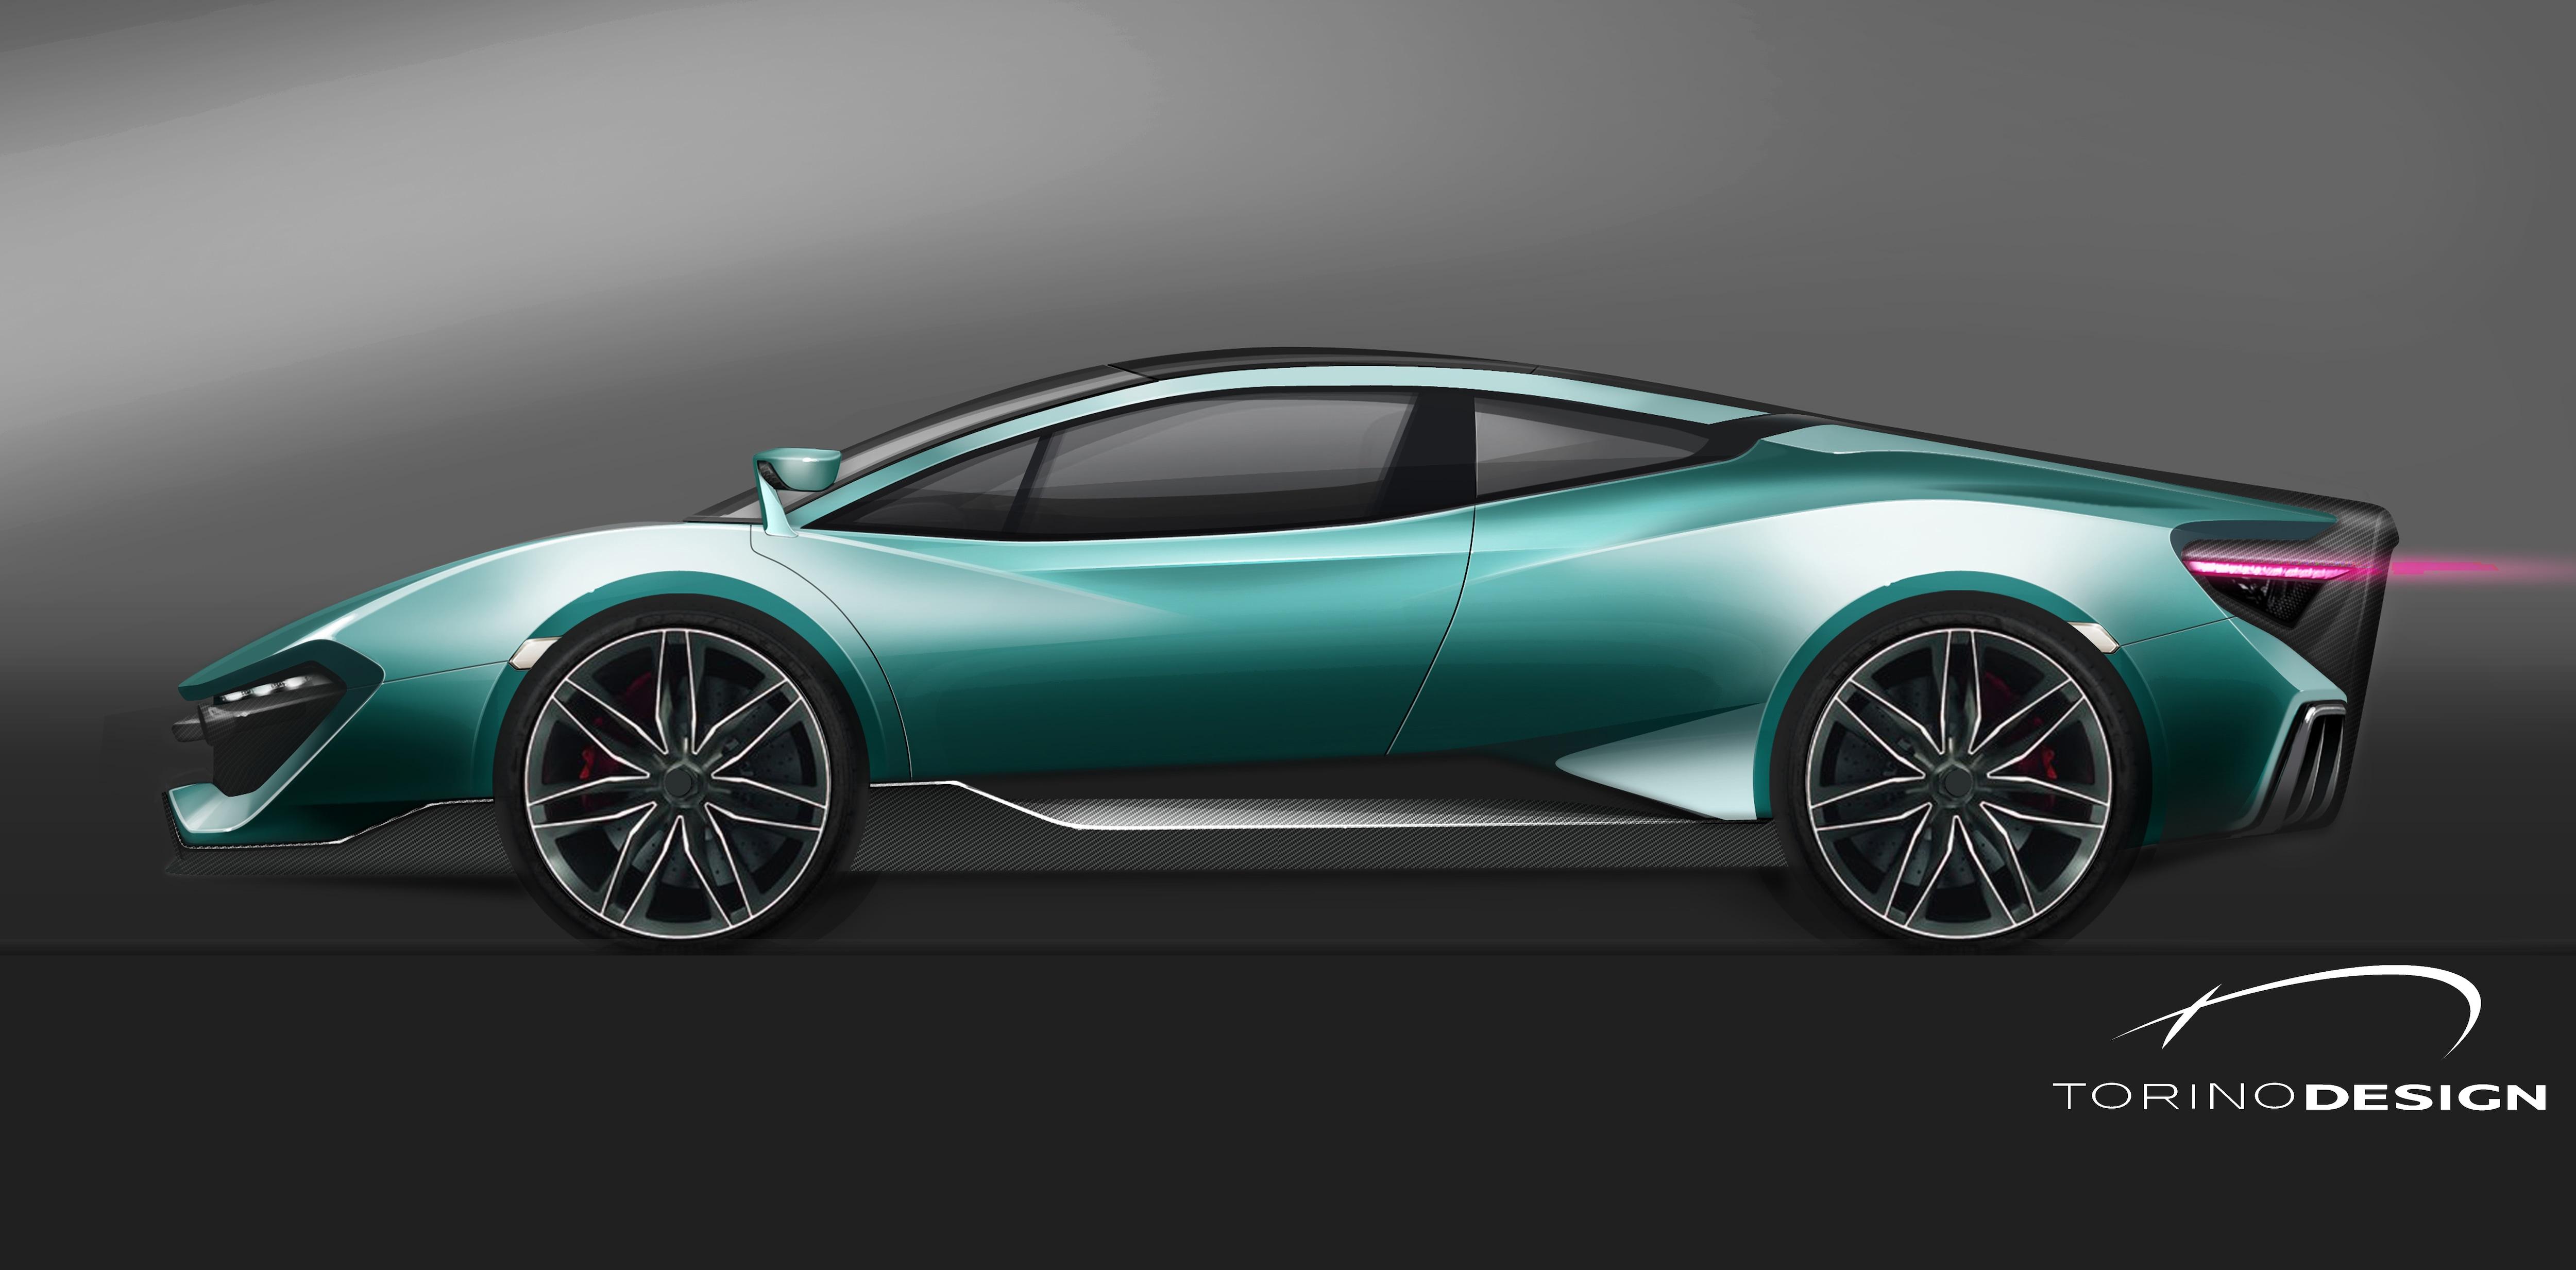 Torino Design coniuga stile ed ingegneria nella sua super car (foto ...